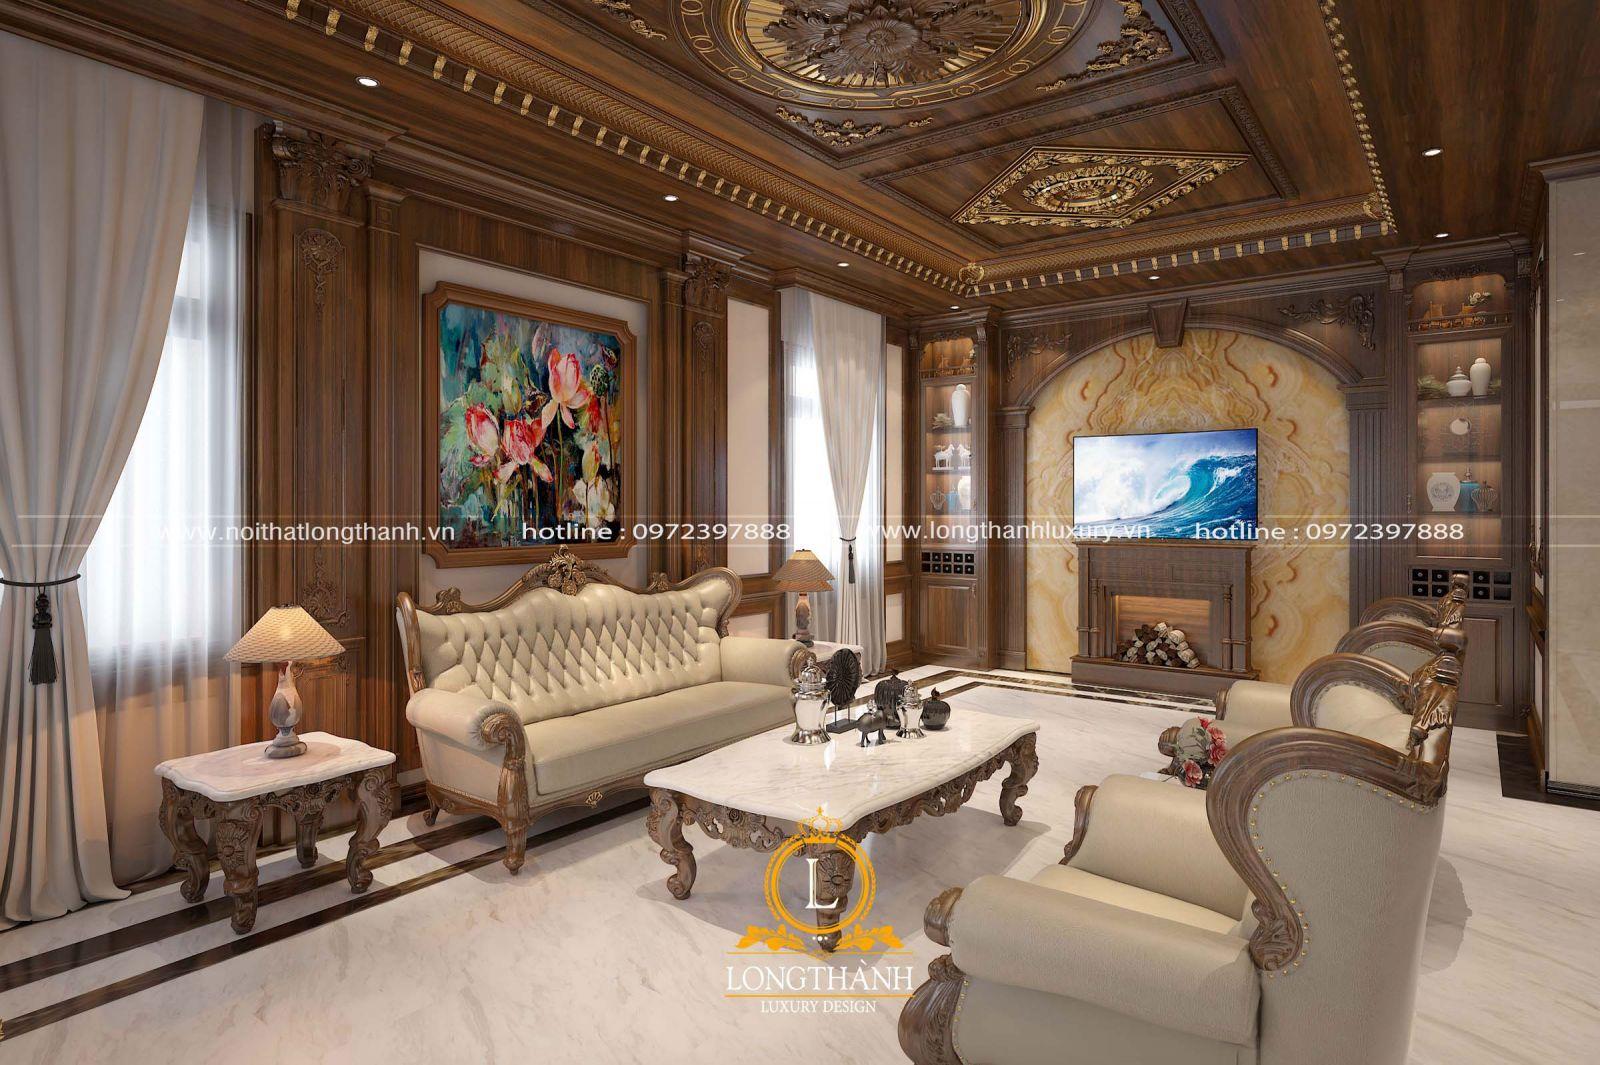 Không gian phòng khách tân cổ điển đẹp nhẹ nhàng và tinh tế